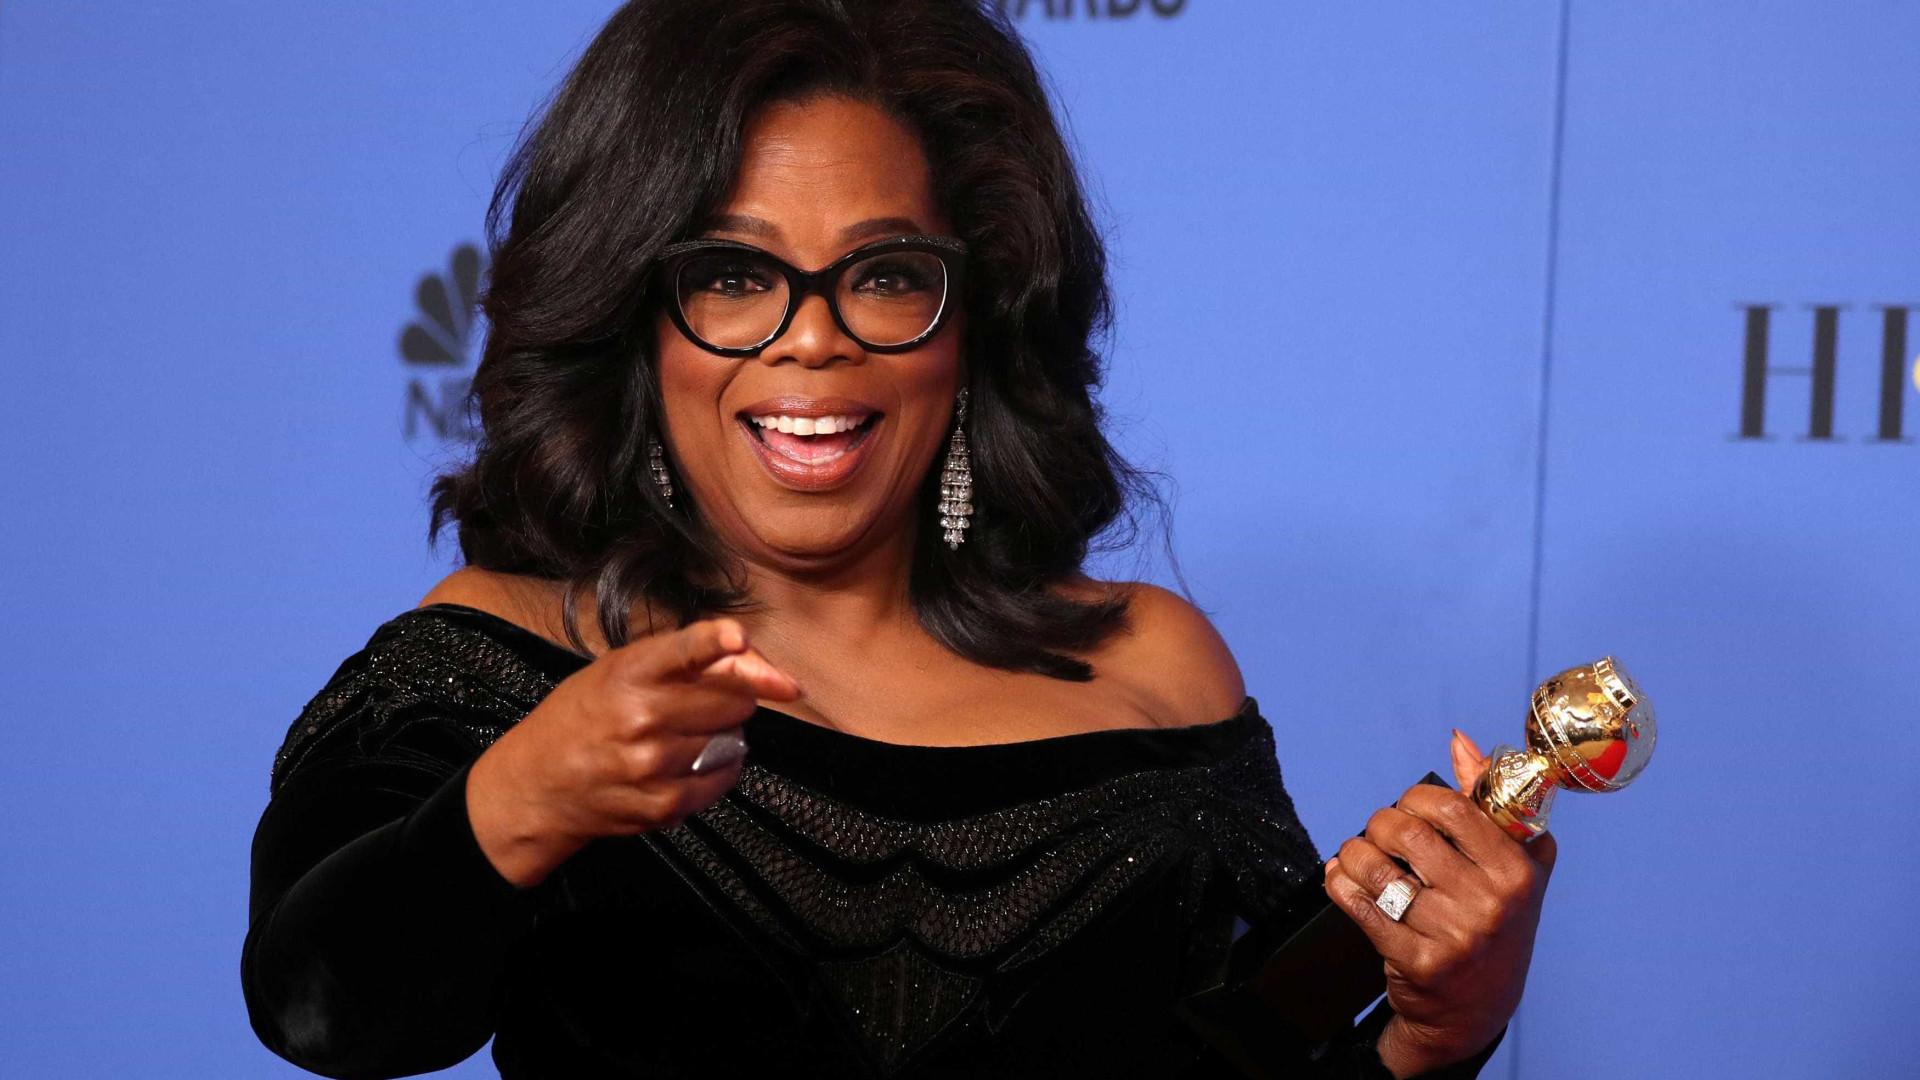 Oprah Winfrey doa R$ 65 milhões para ajudar a combater a Covid-19